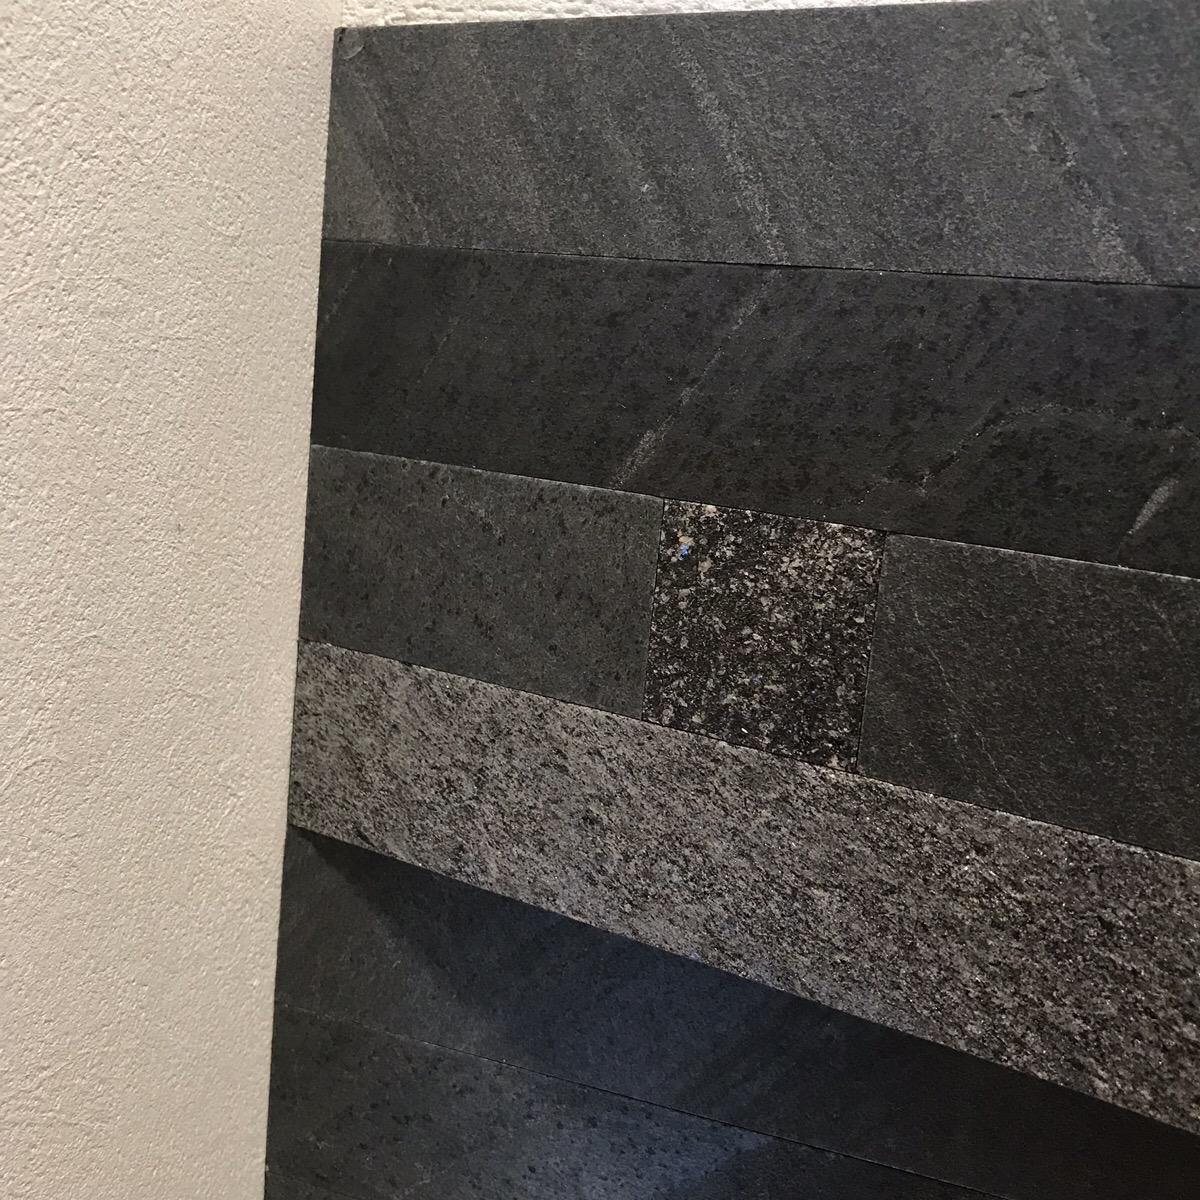 リアルストーンタイルシール Slicel スライシル 貼るコツ DIY